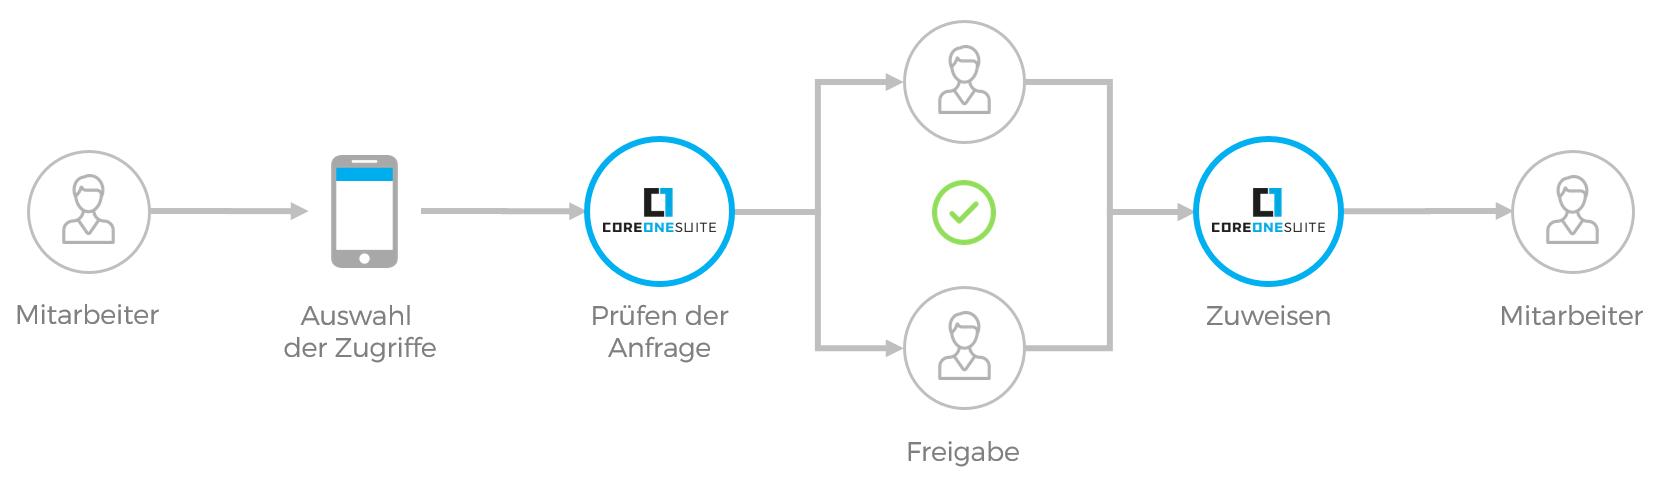 CoreOne Suite Self-Service Request